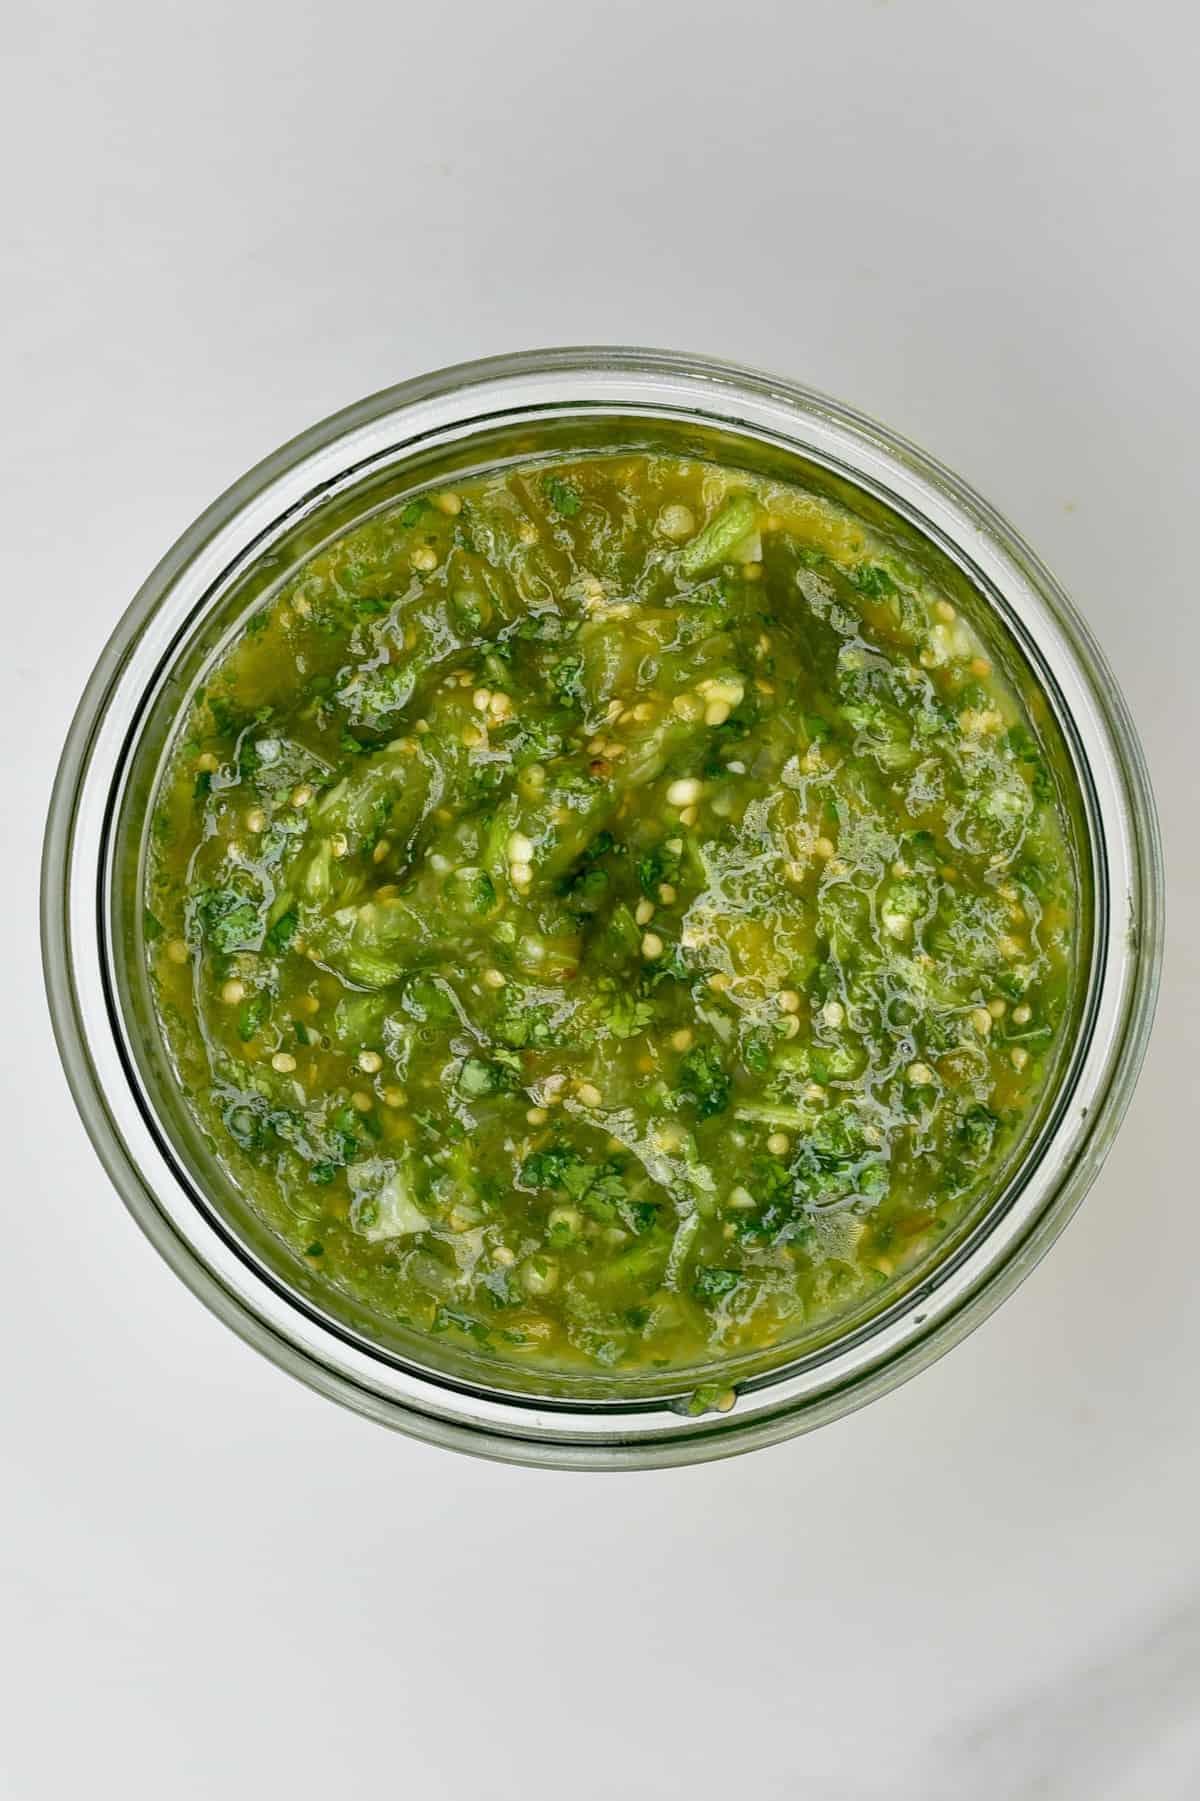 tomatillo green chili salsa in a jar